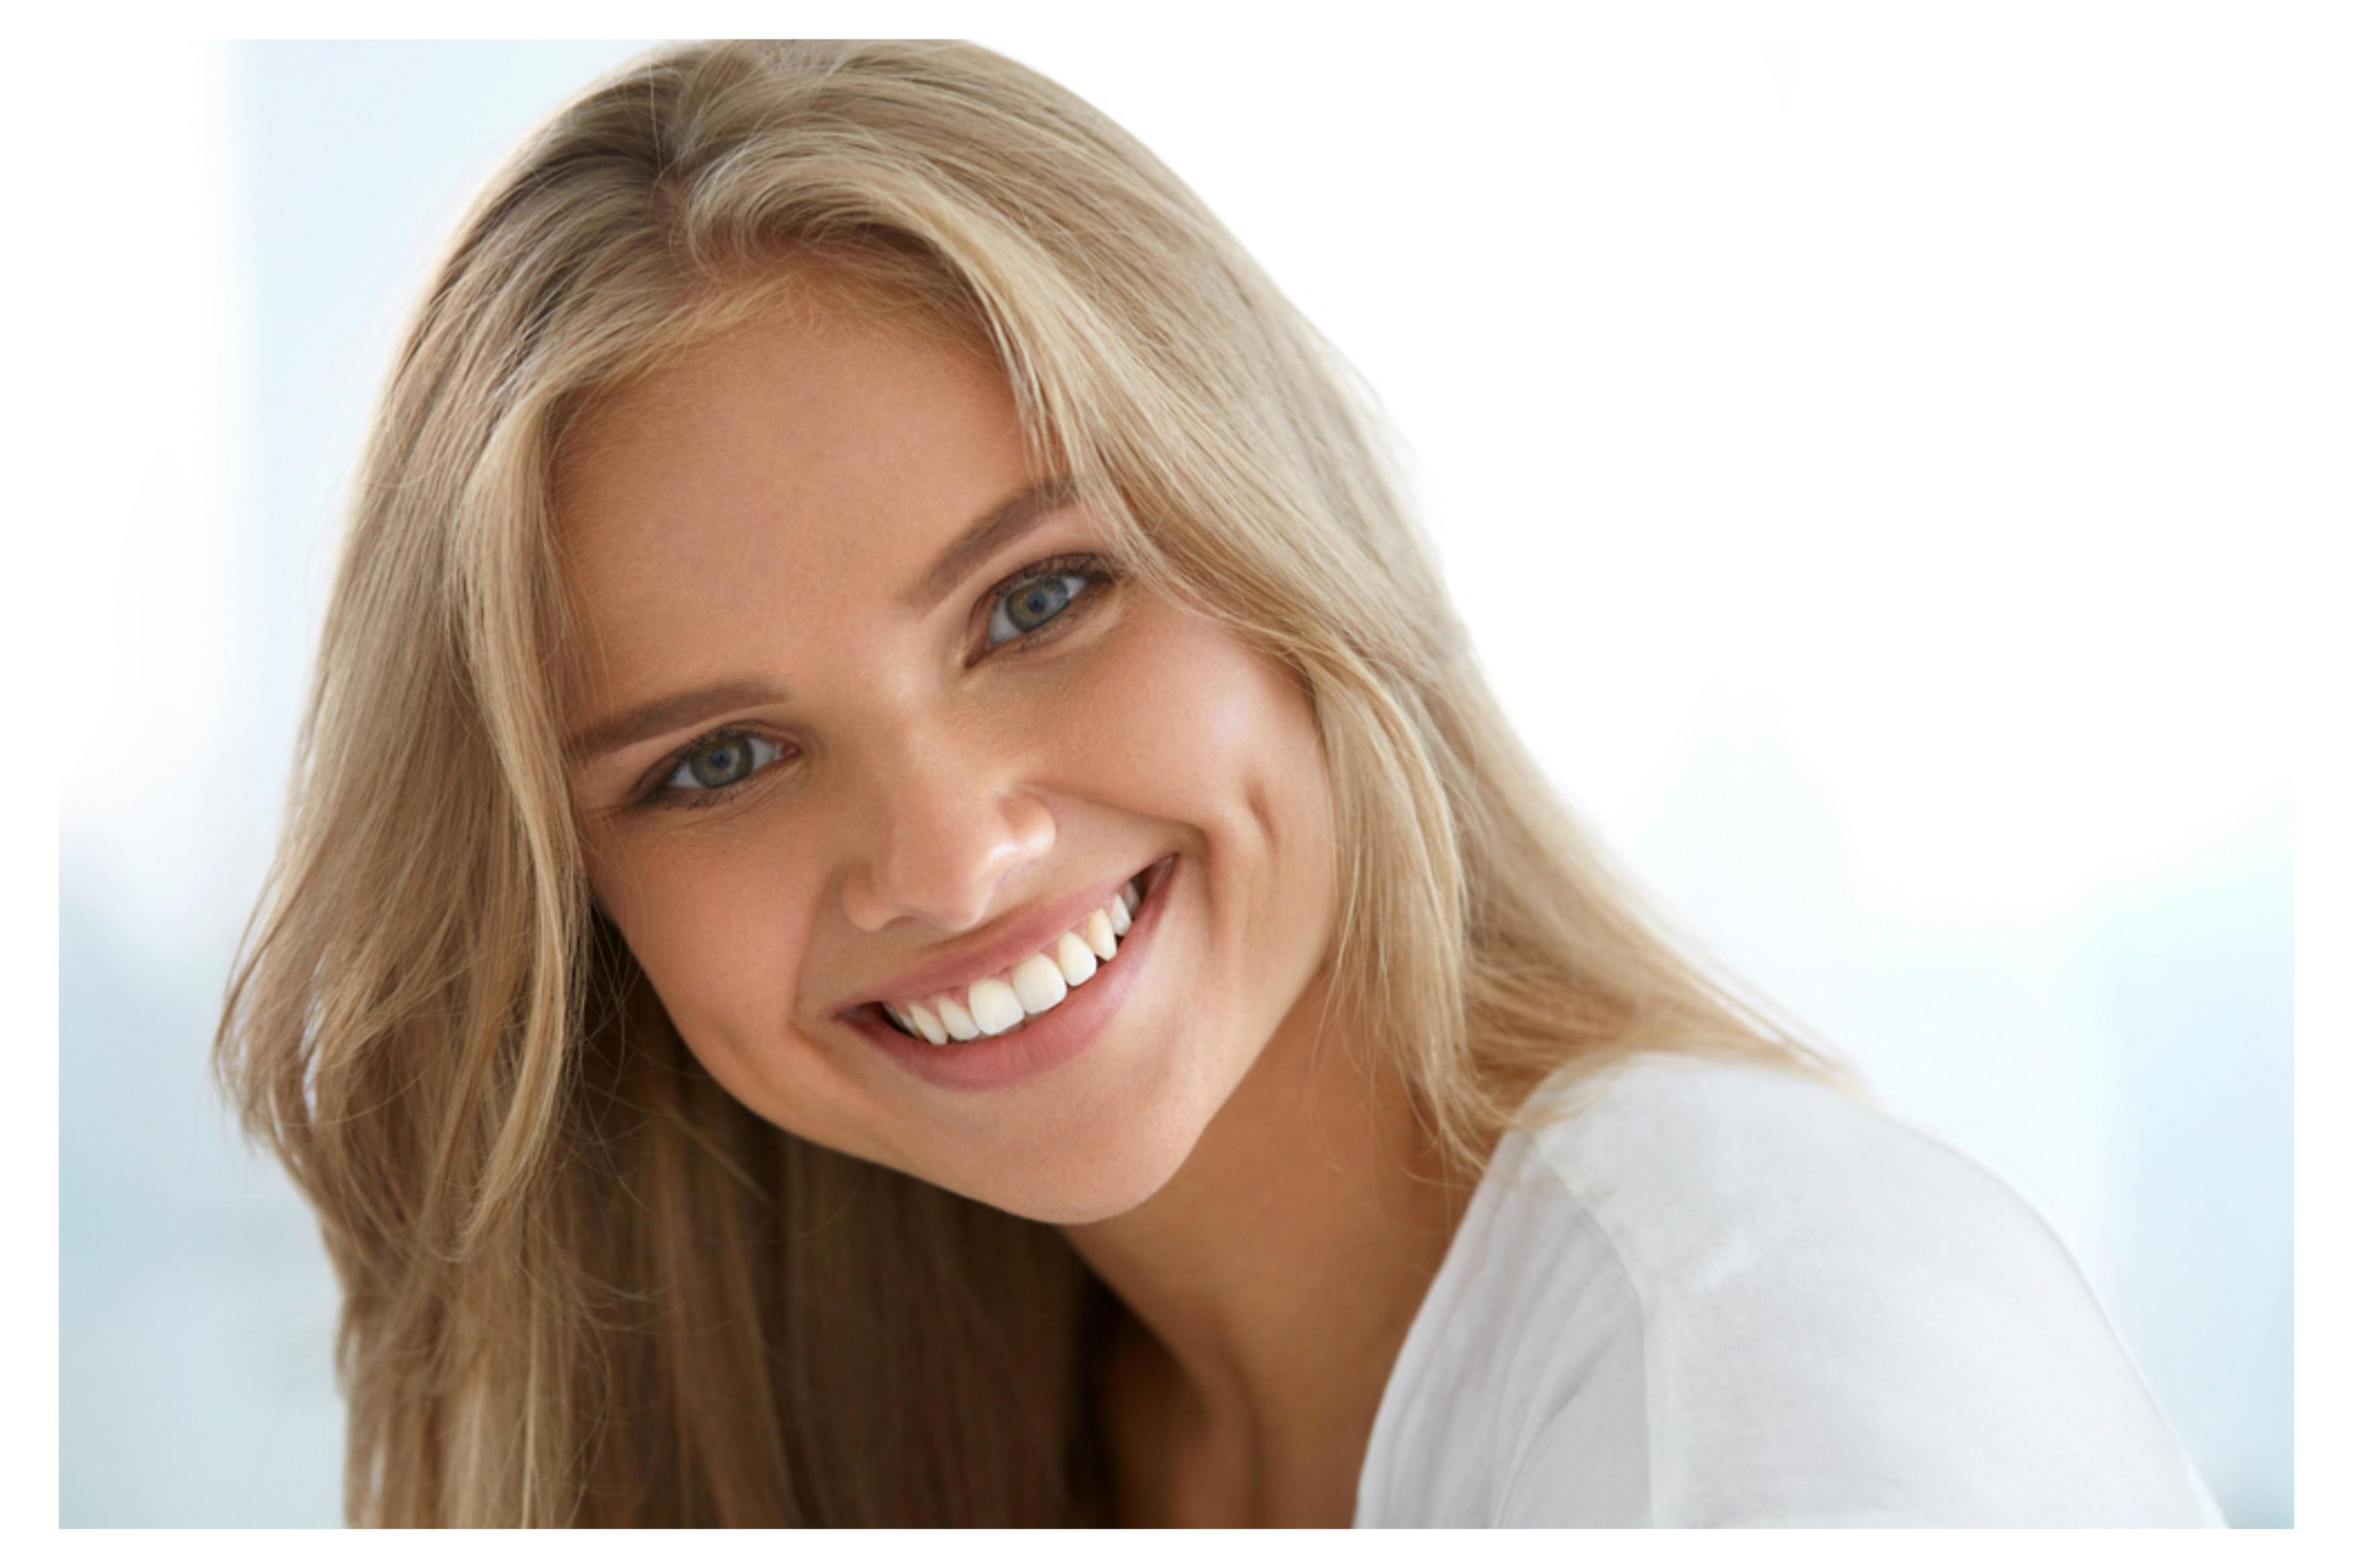 Traumdeutung: Zähne fallen aus